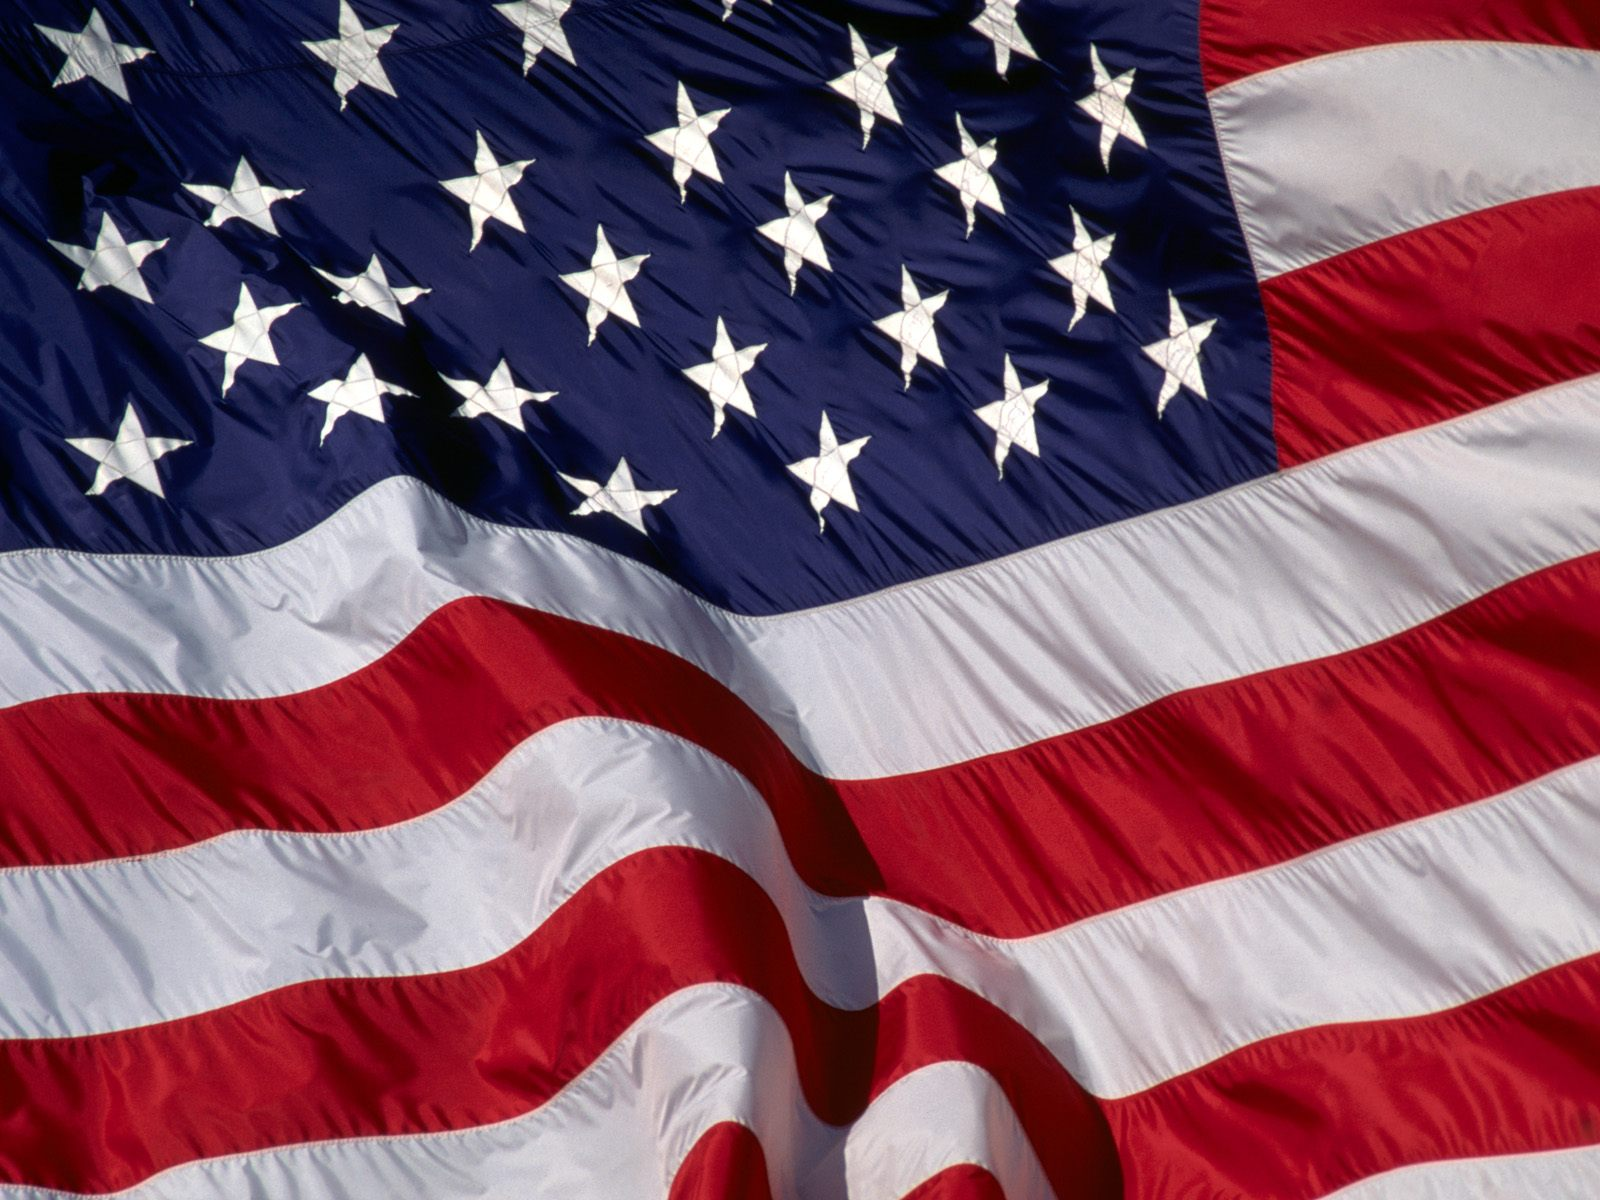 США планирует в скором времени начать экспорт сланцевой нефти